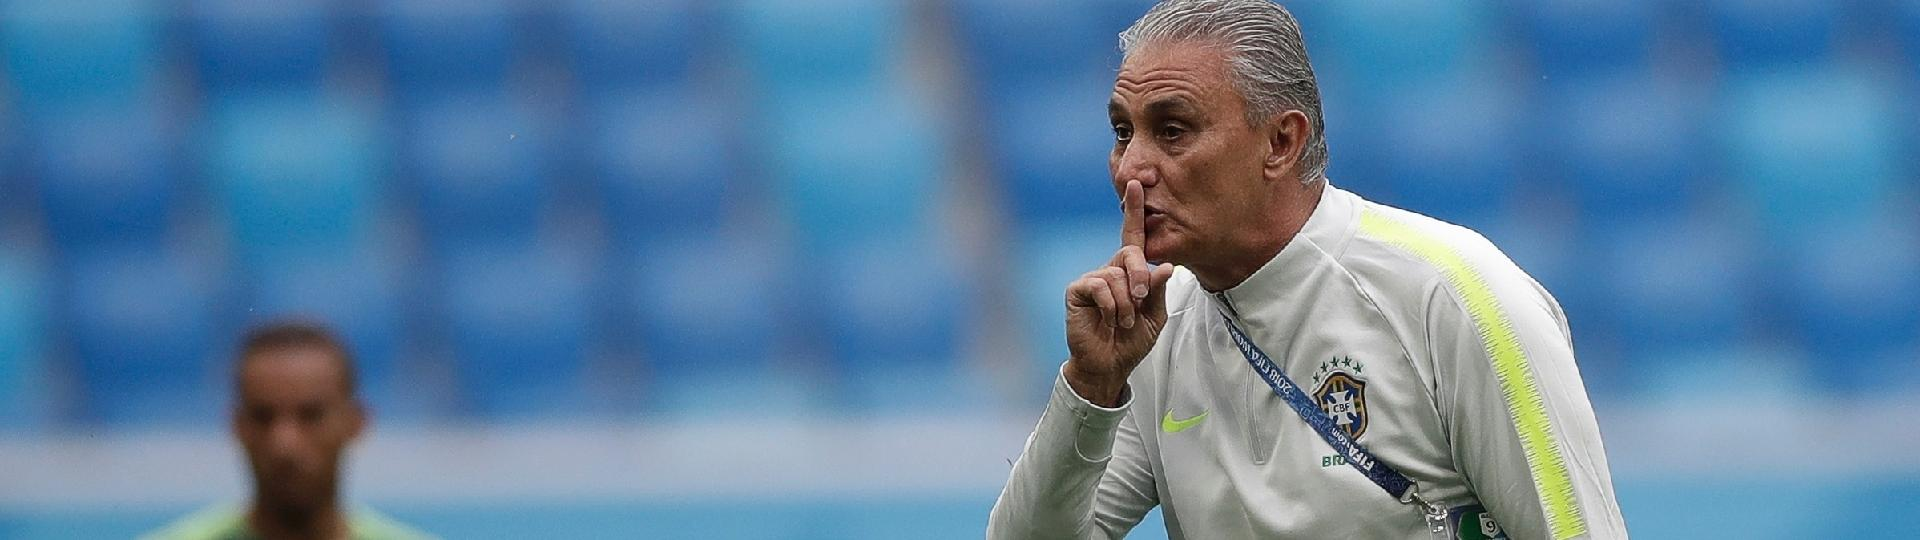 Tite gesticula durante treino da seleção brasileira